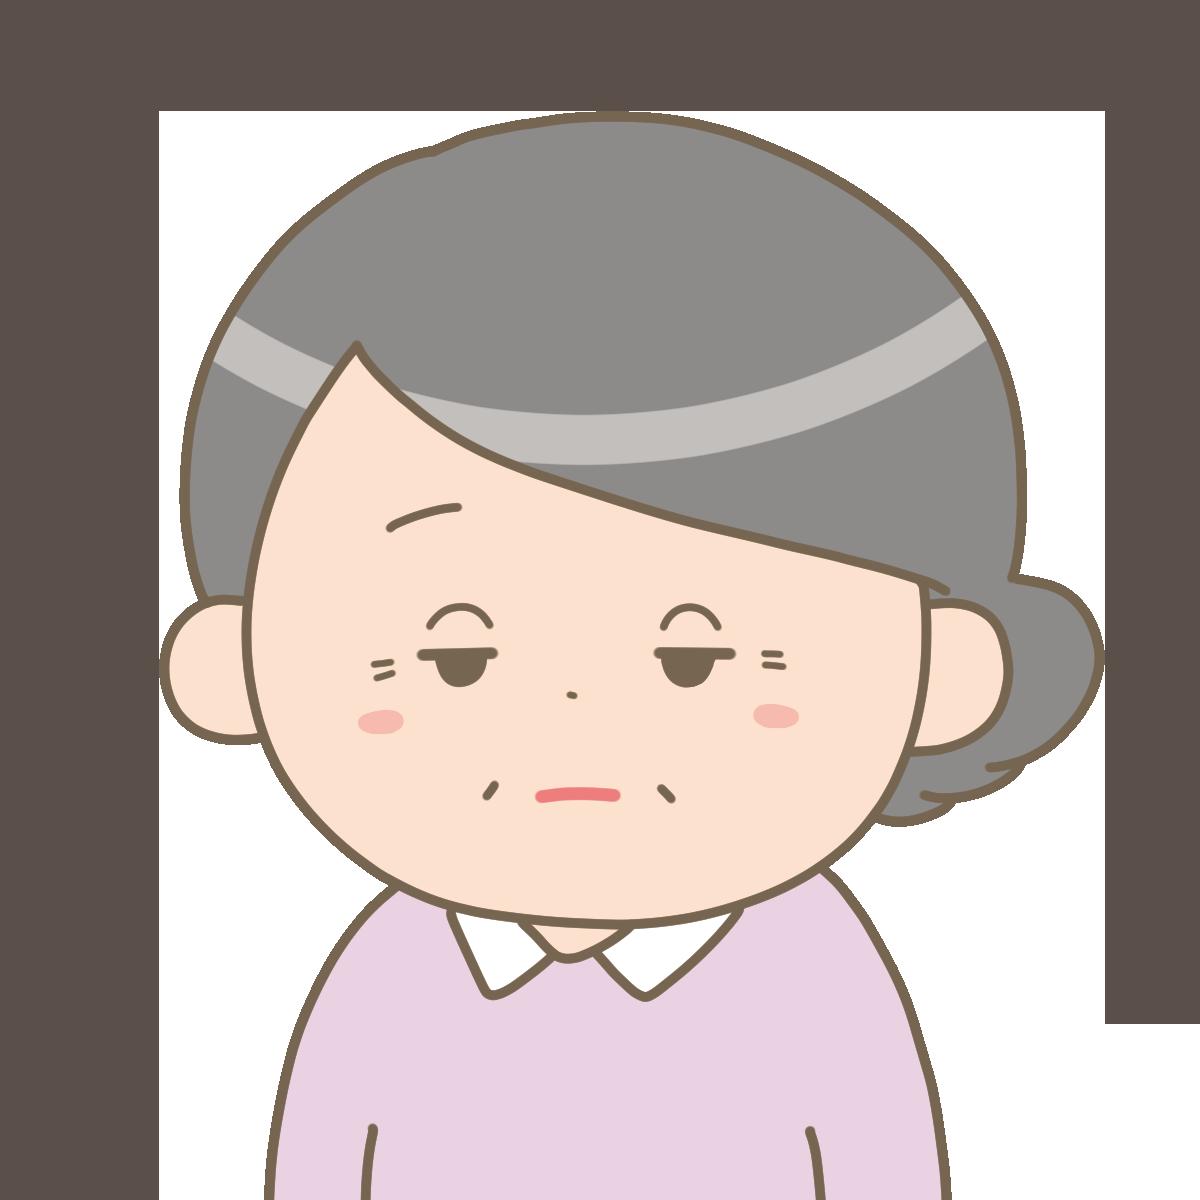 意欲低下で眠そうな高齢女性のイラストフリー素材看護roo